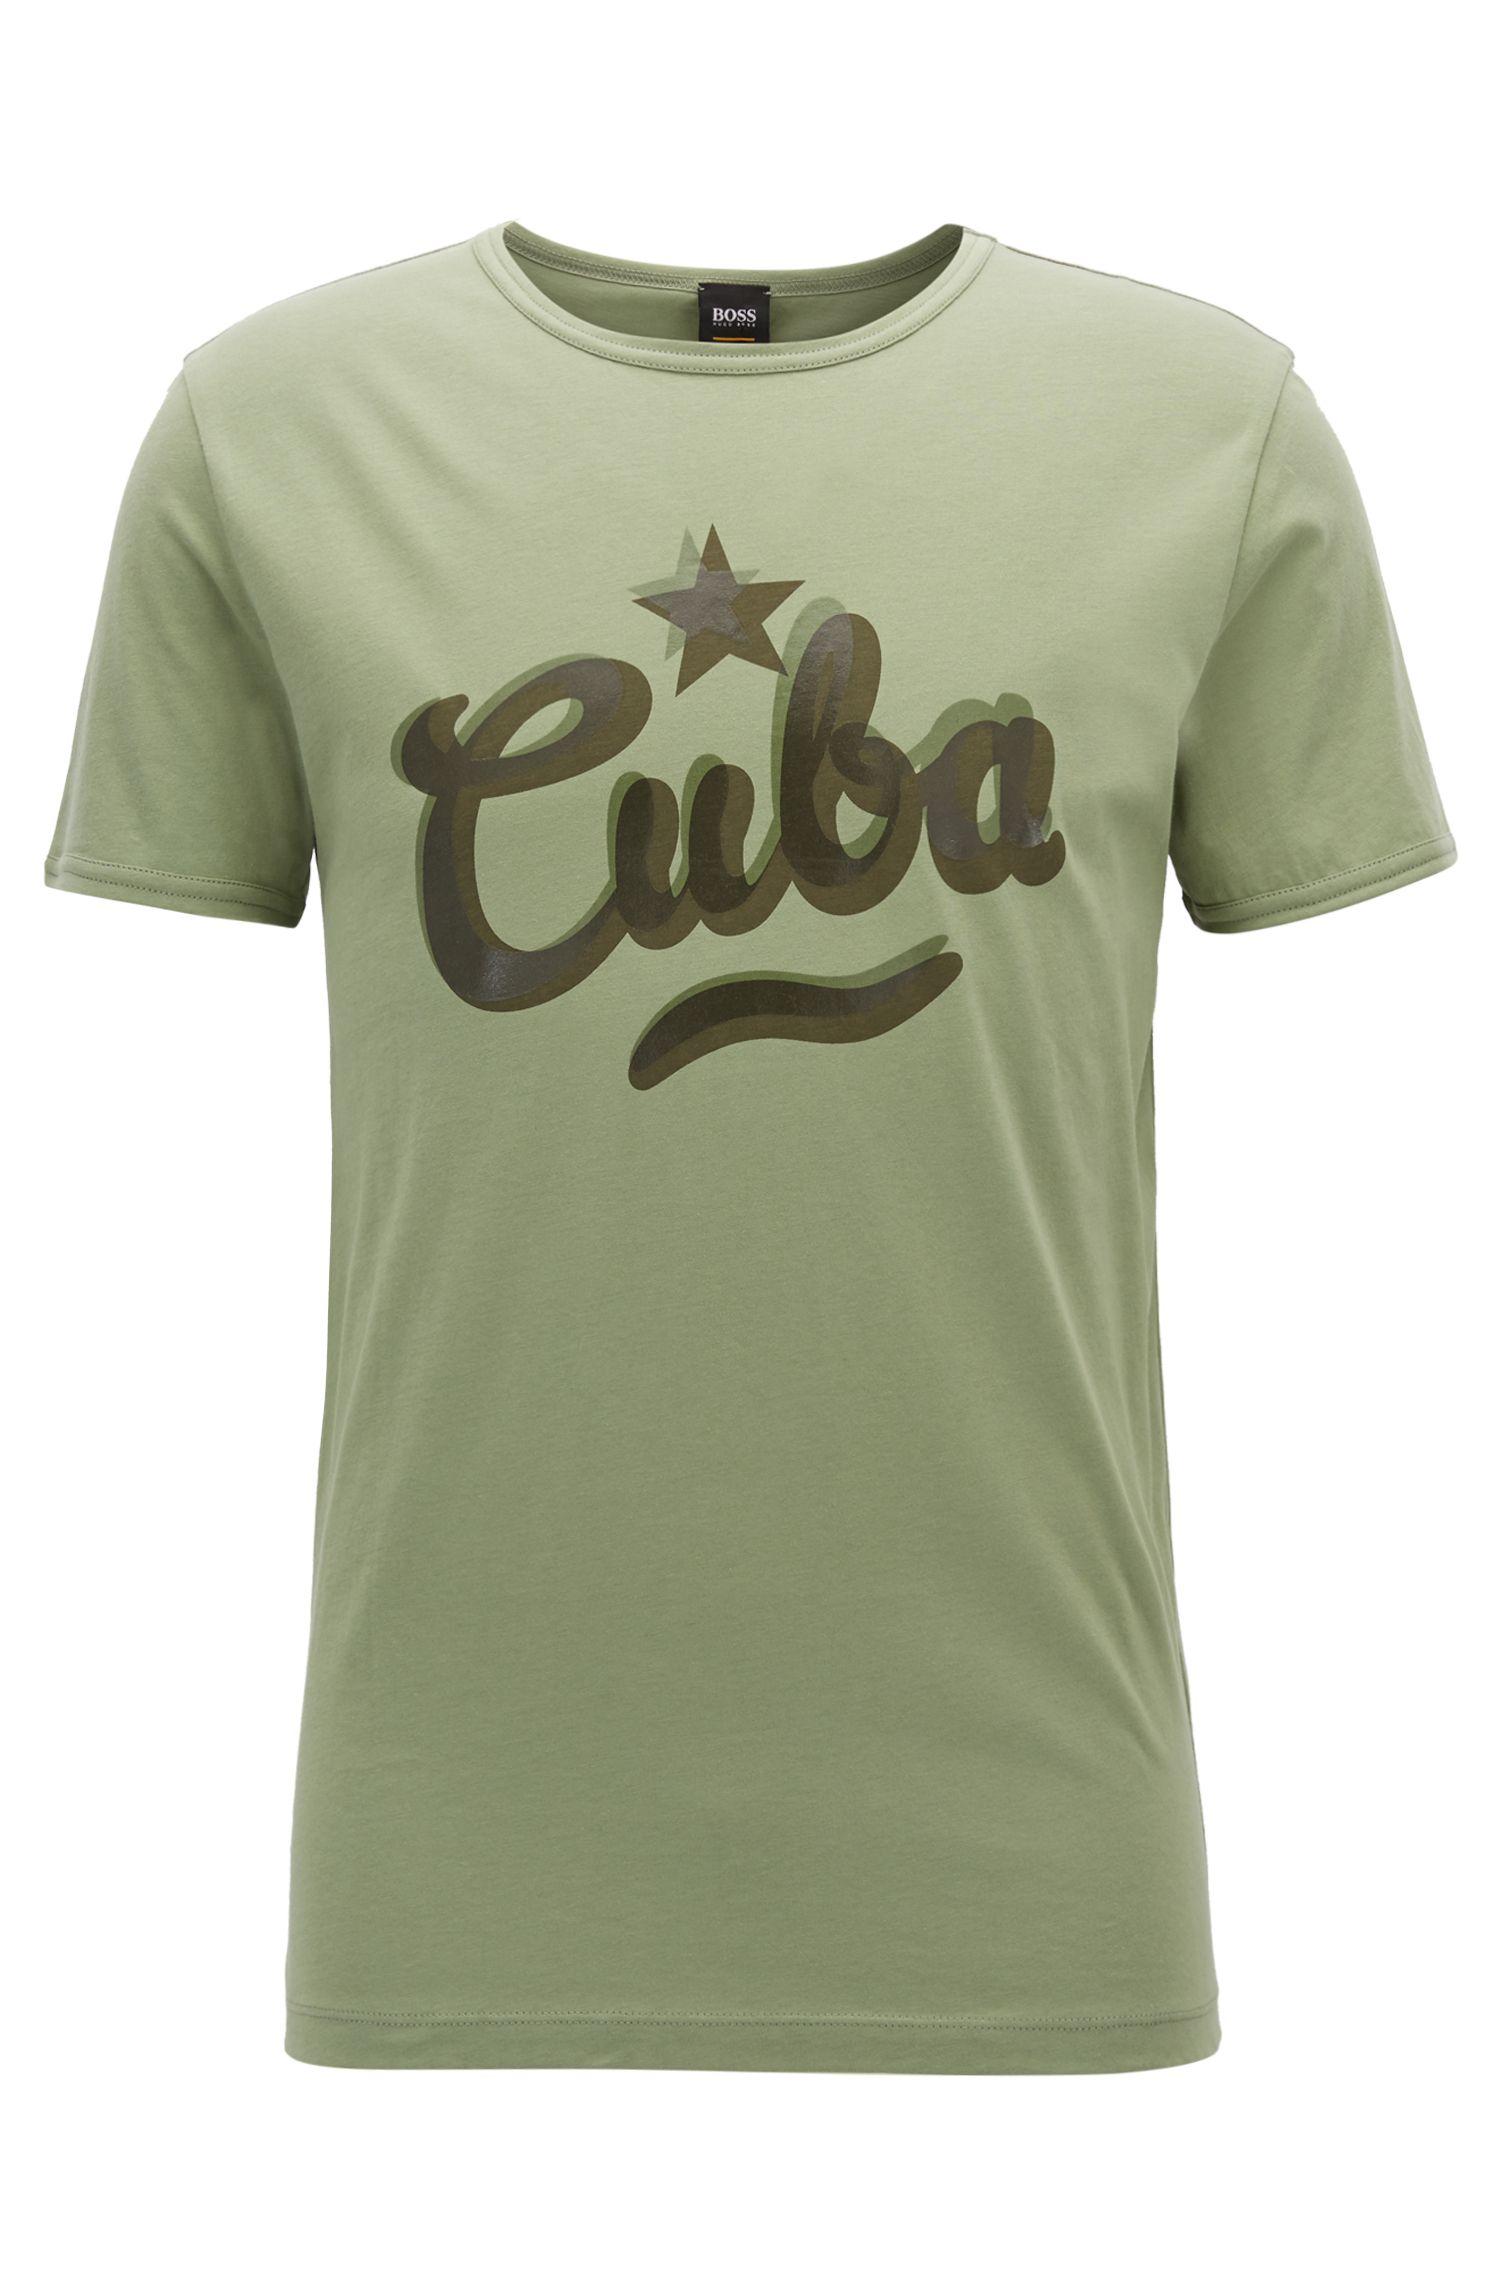 T-shirt relaxed fit in jersey di cotone effetto slavato con slogan stampato